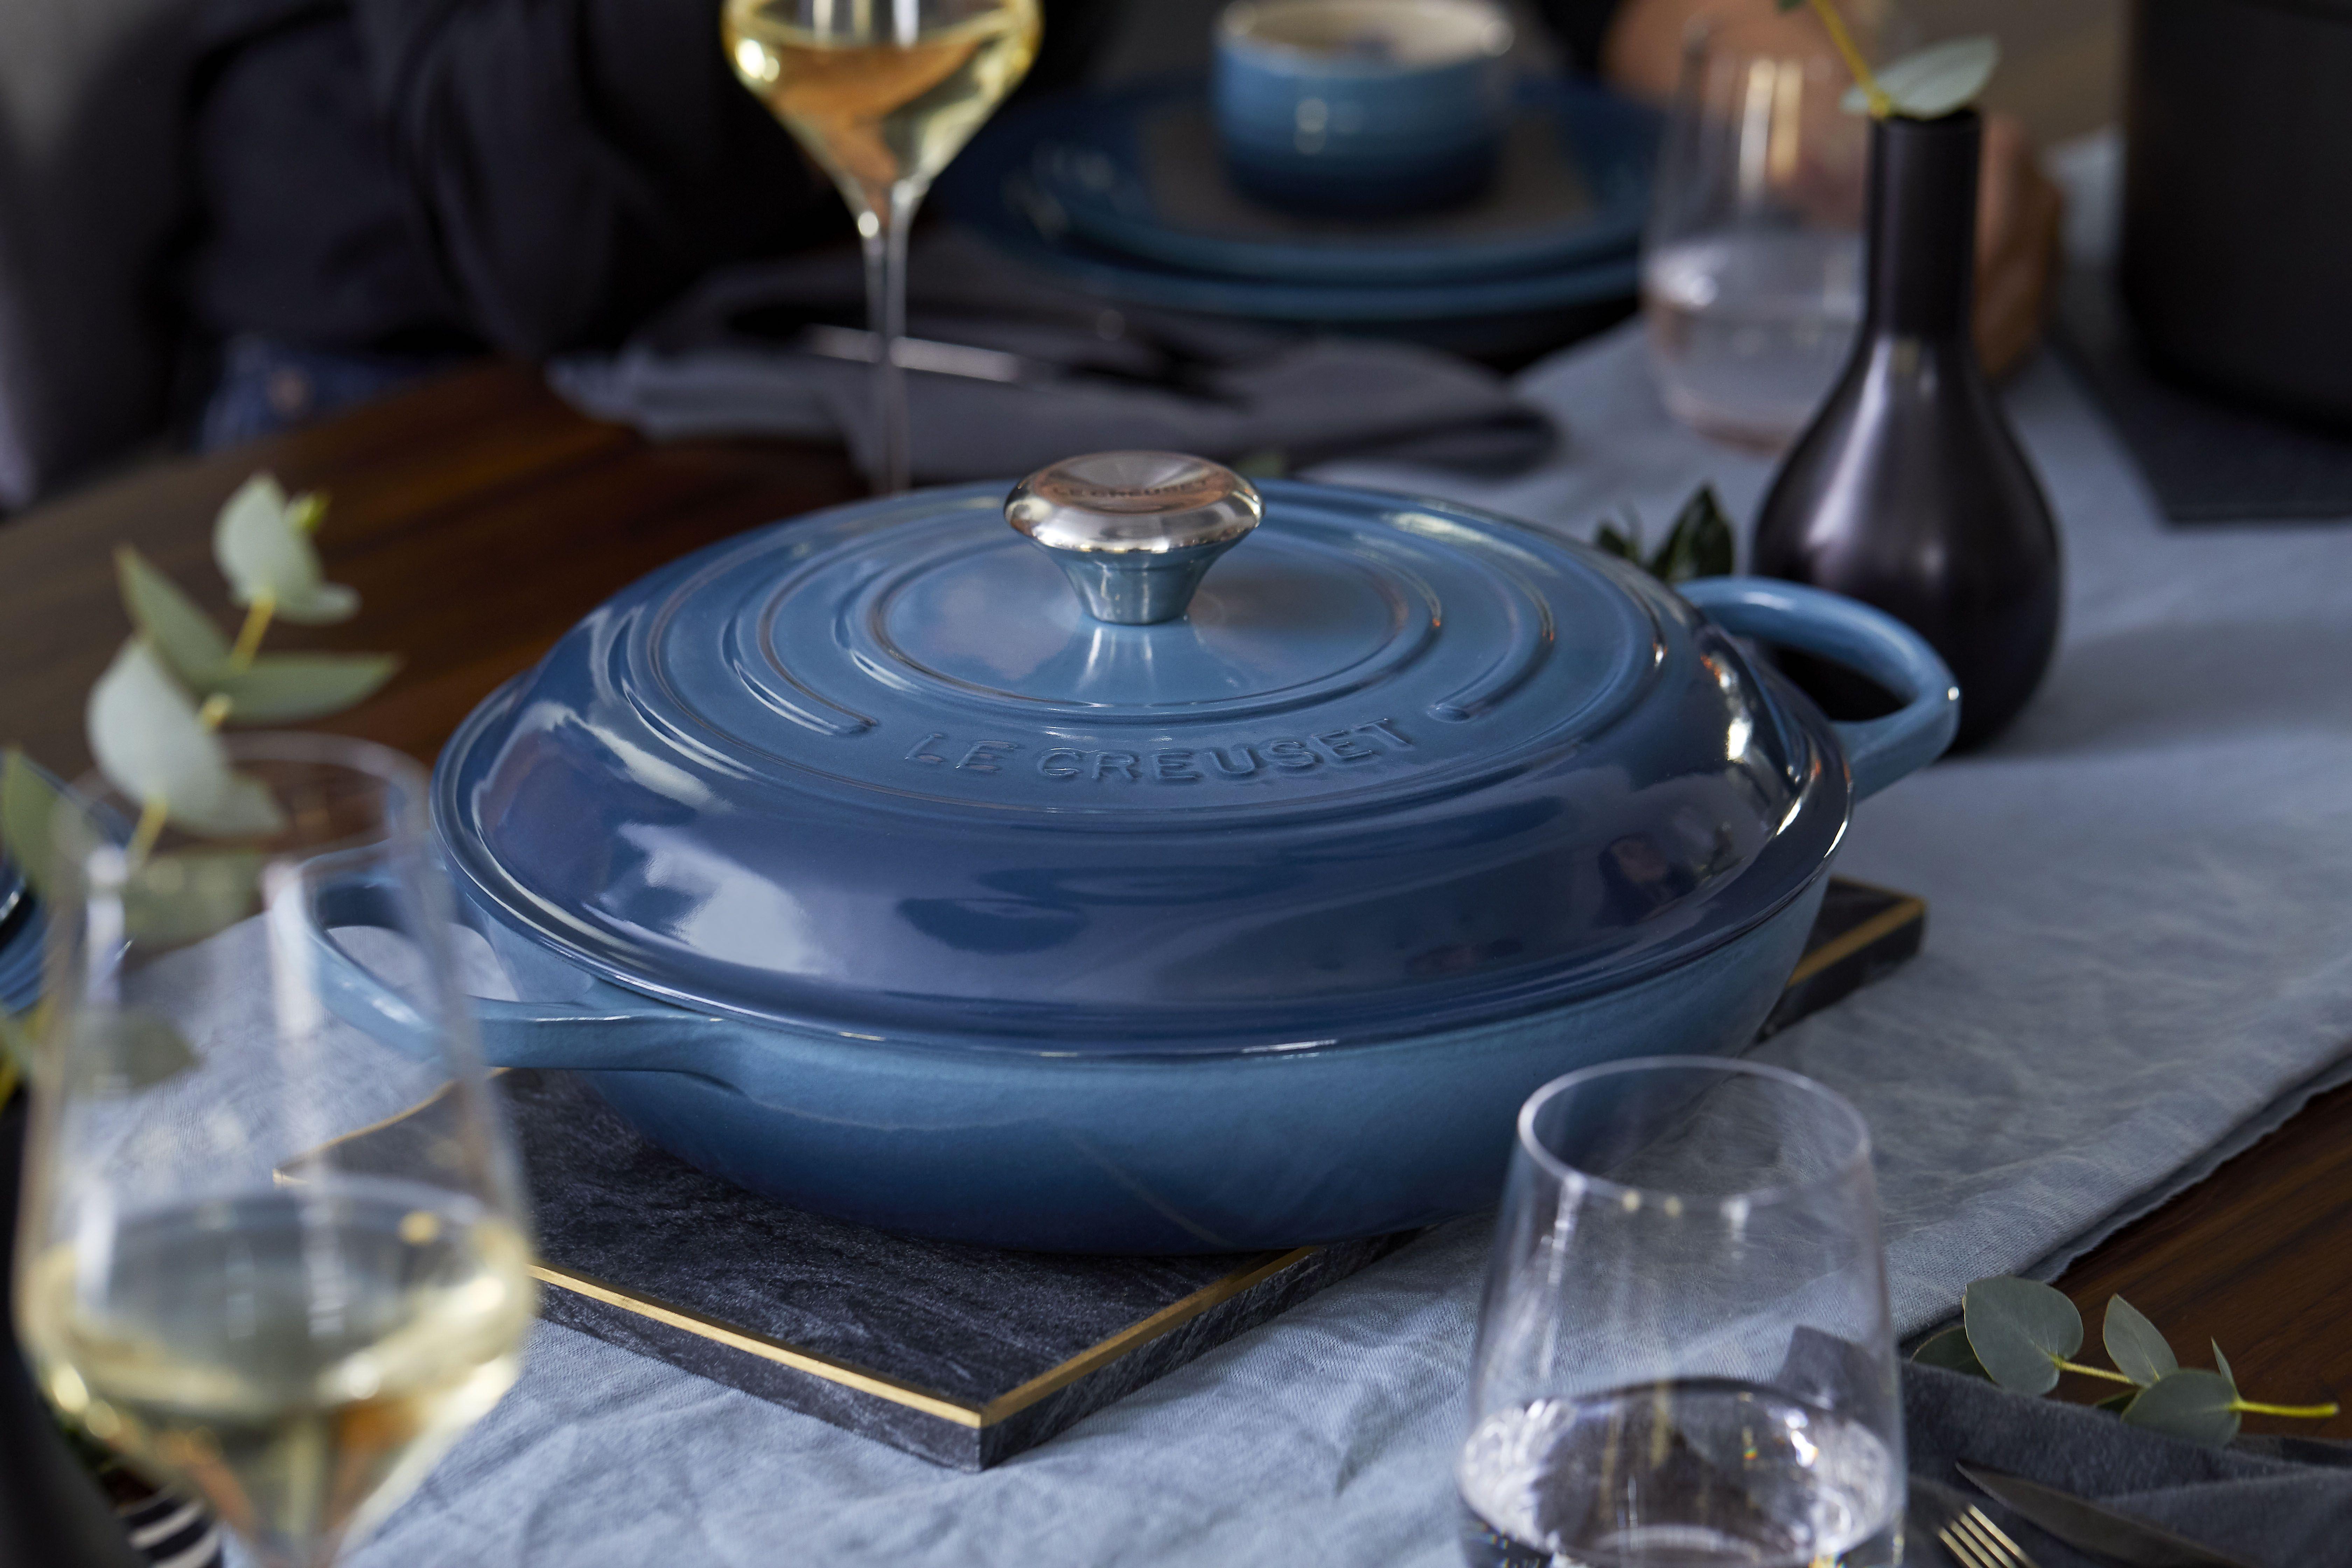 Ideallic coloring form le creuset cast iron cookware le